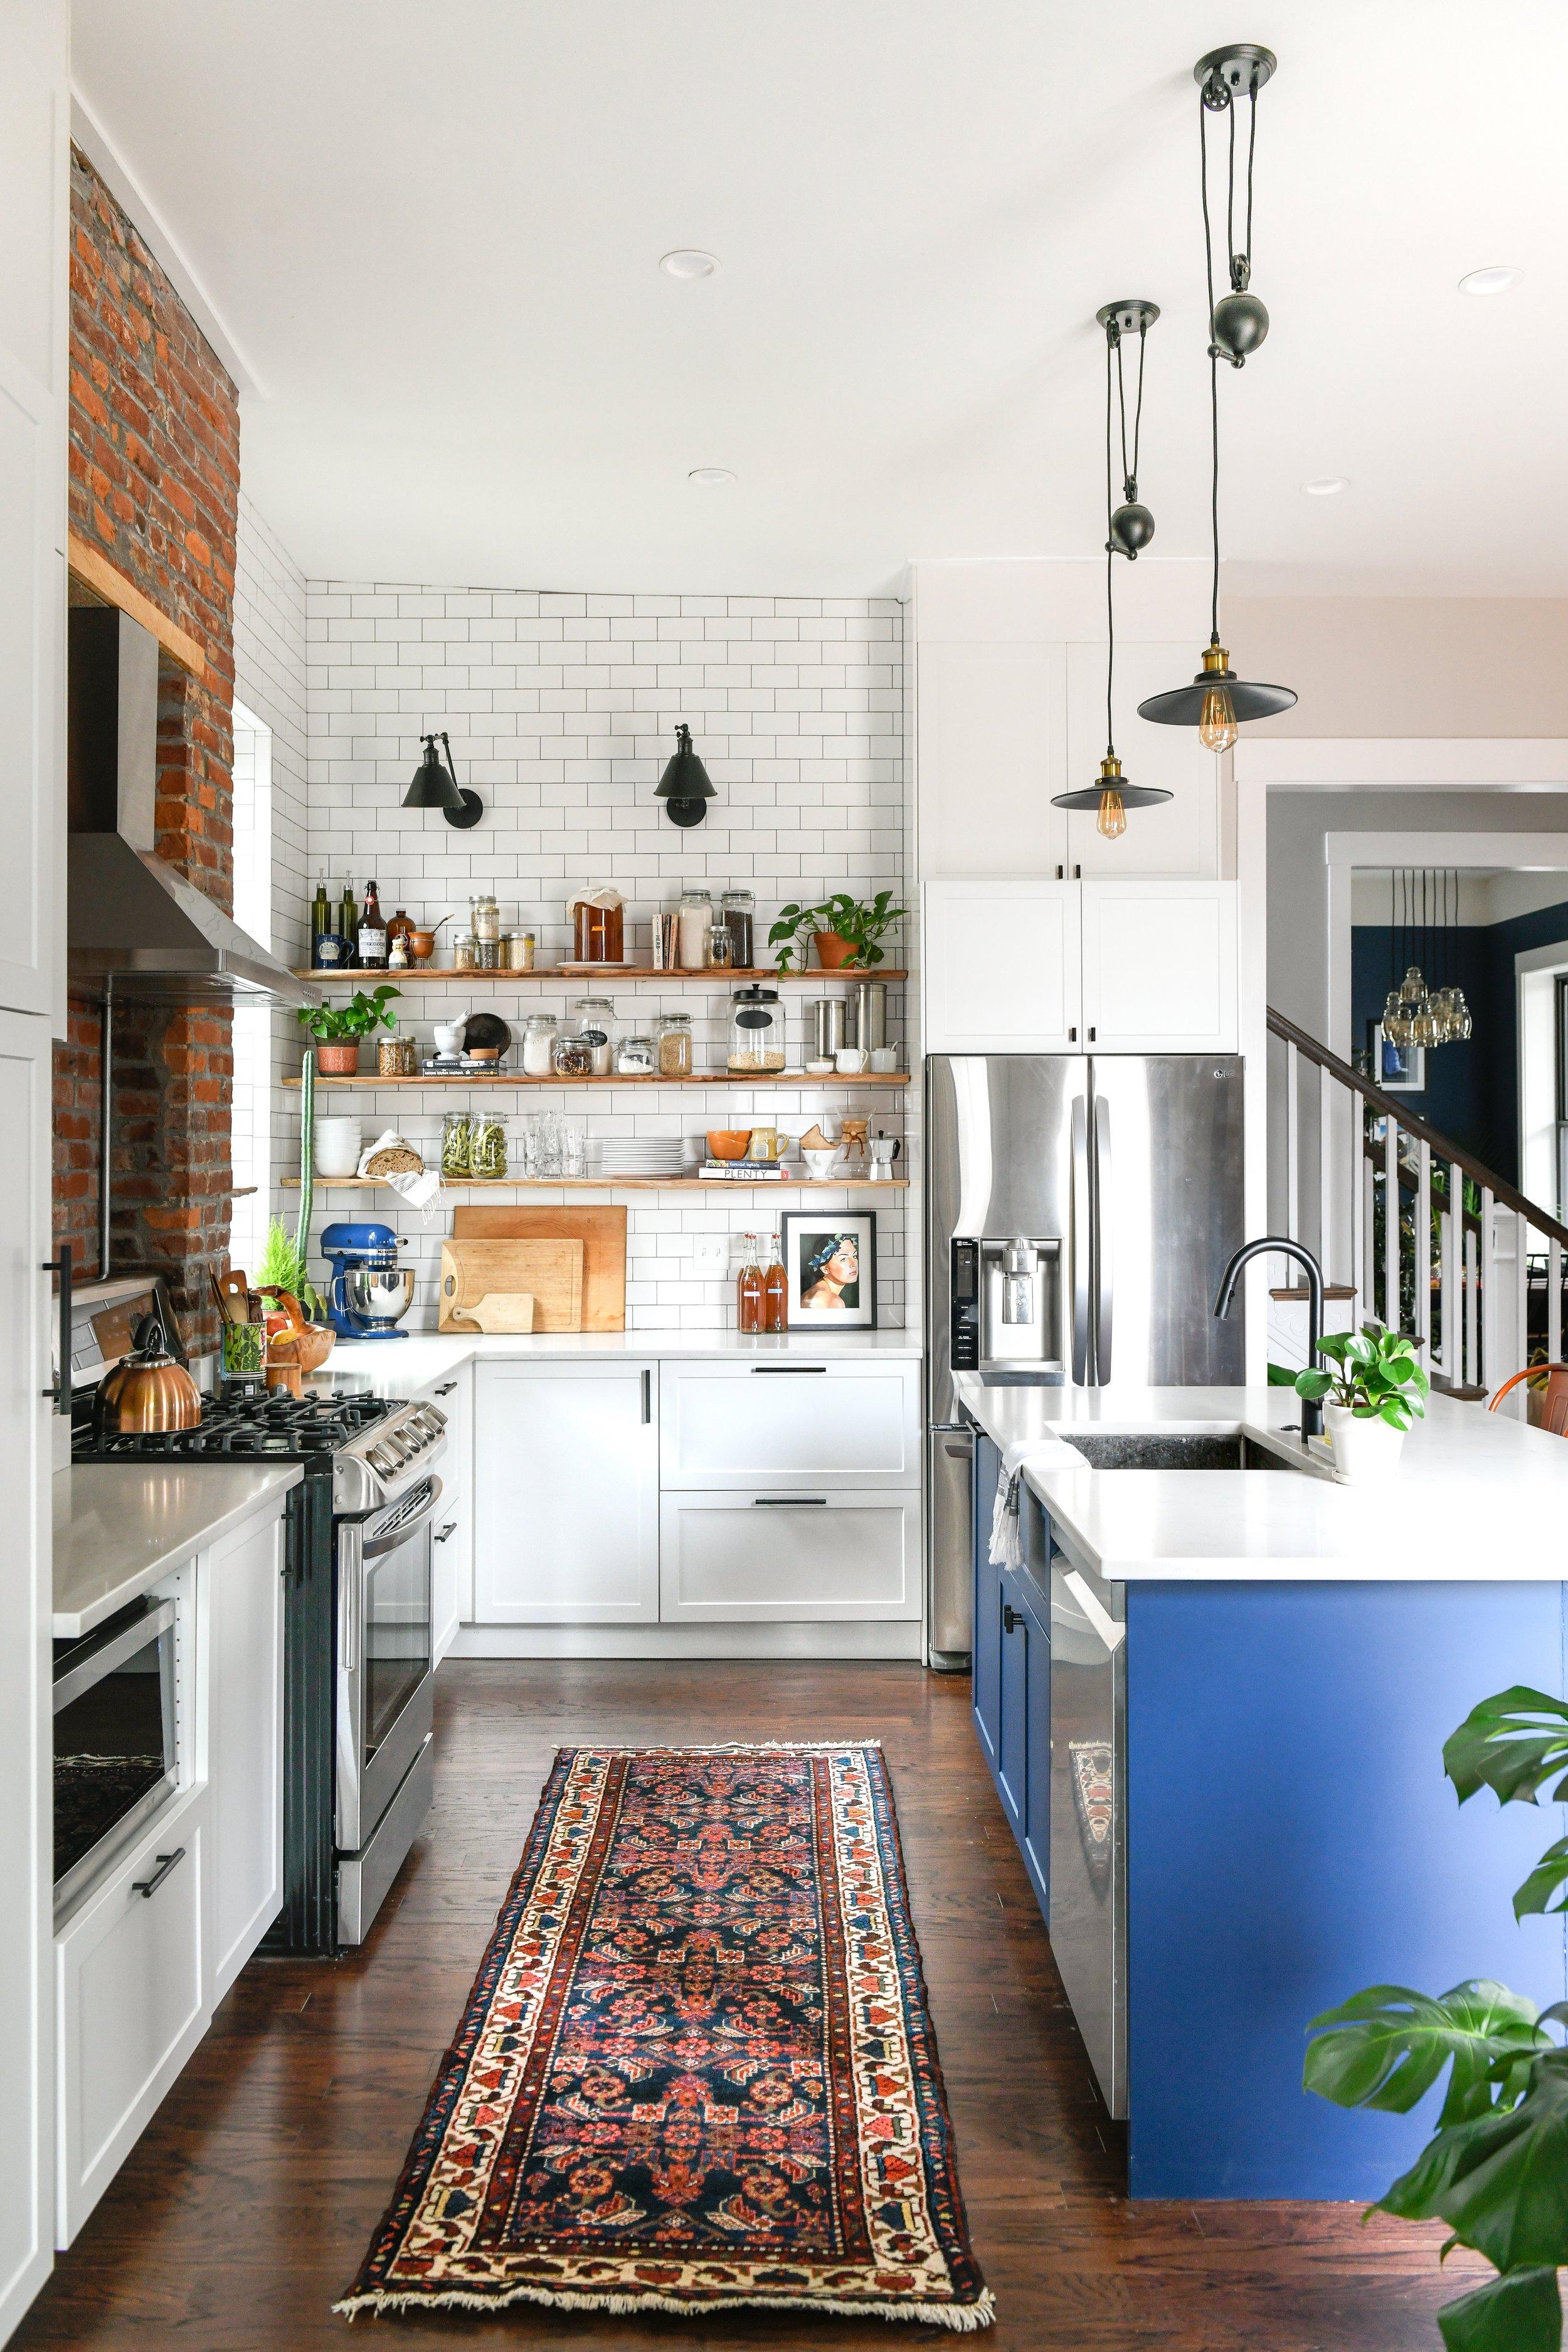 Katy Popple Design Kitchen 3.jpeg